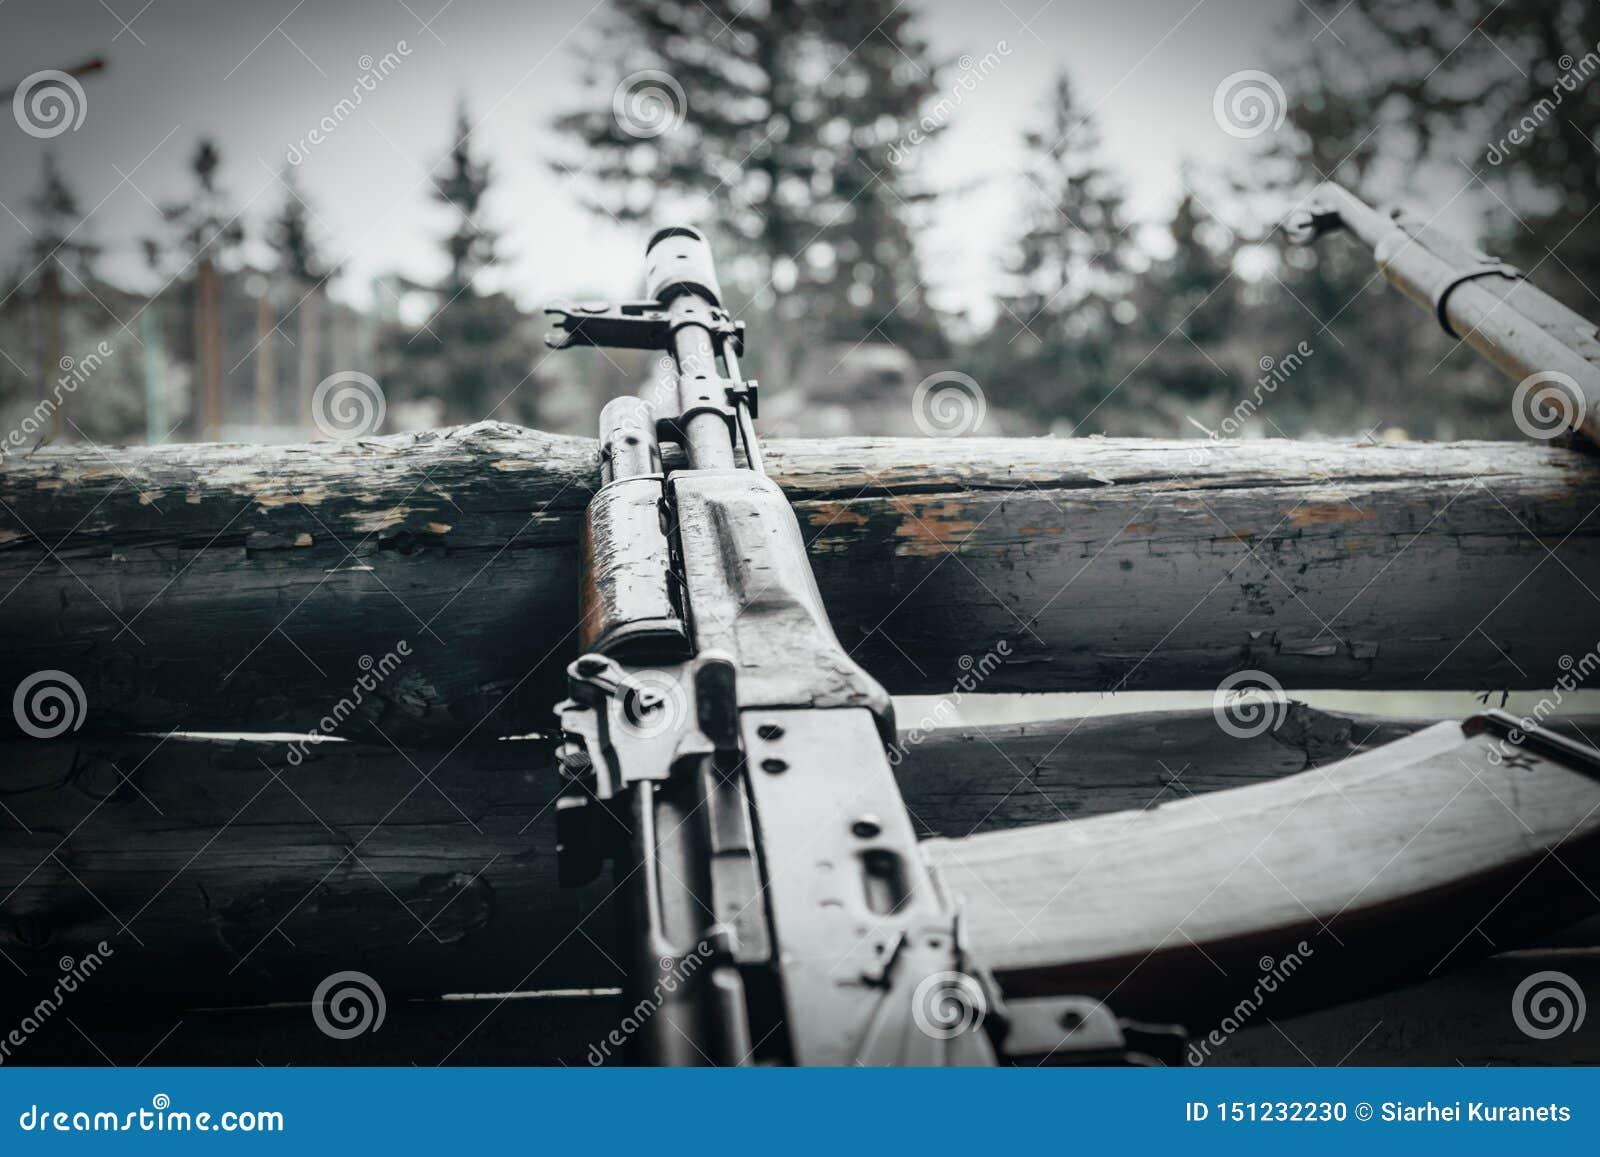 Militaire opleiding het wapen is bij klaar machinegeweren, geweren, en machinegeweren alle verschillende era s